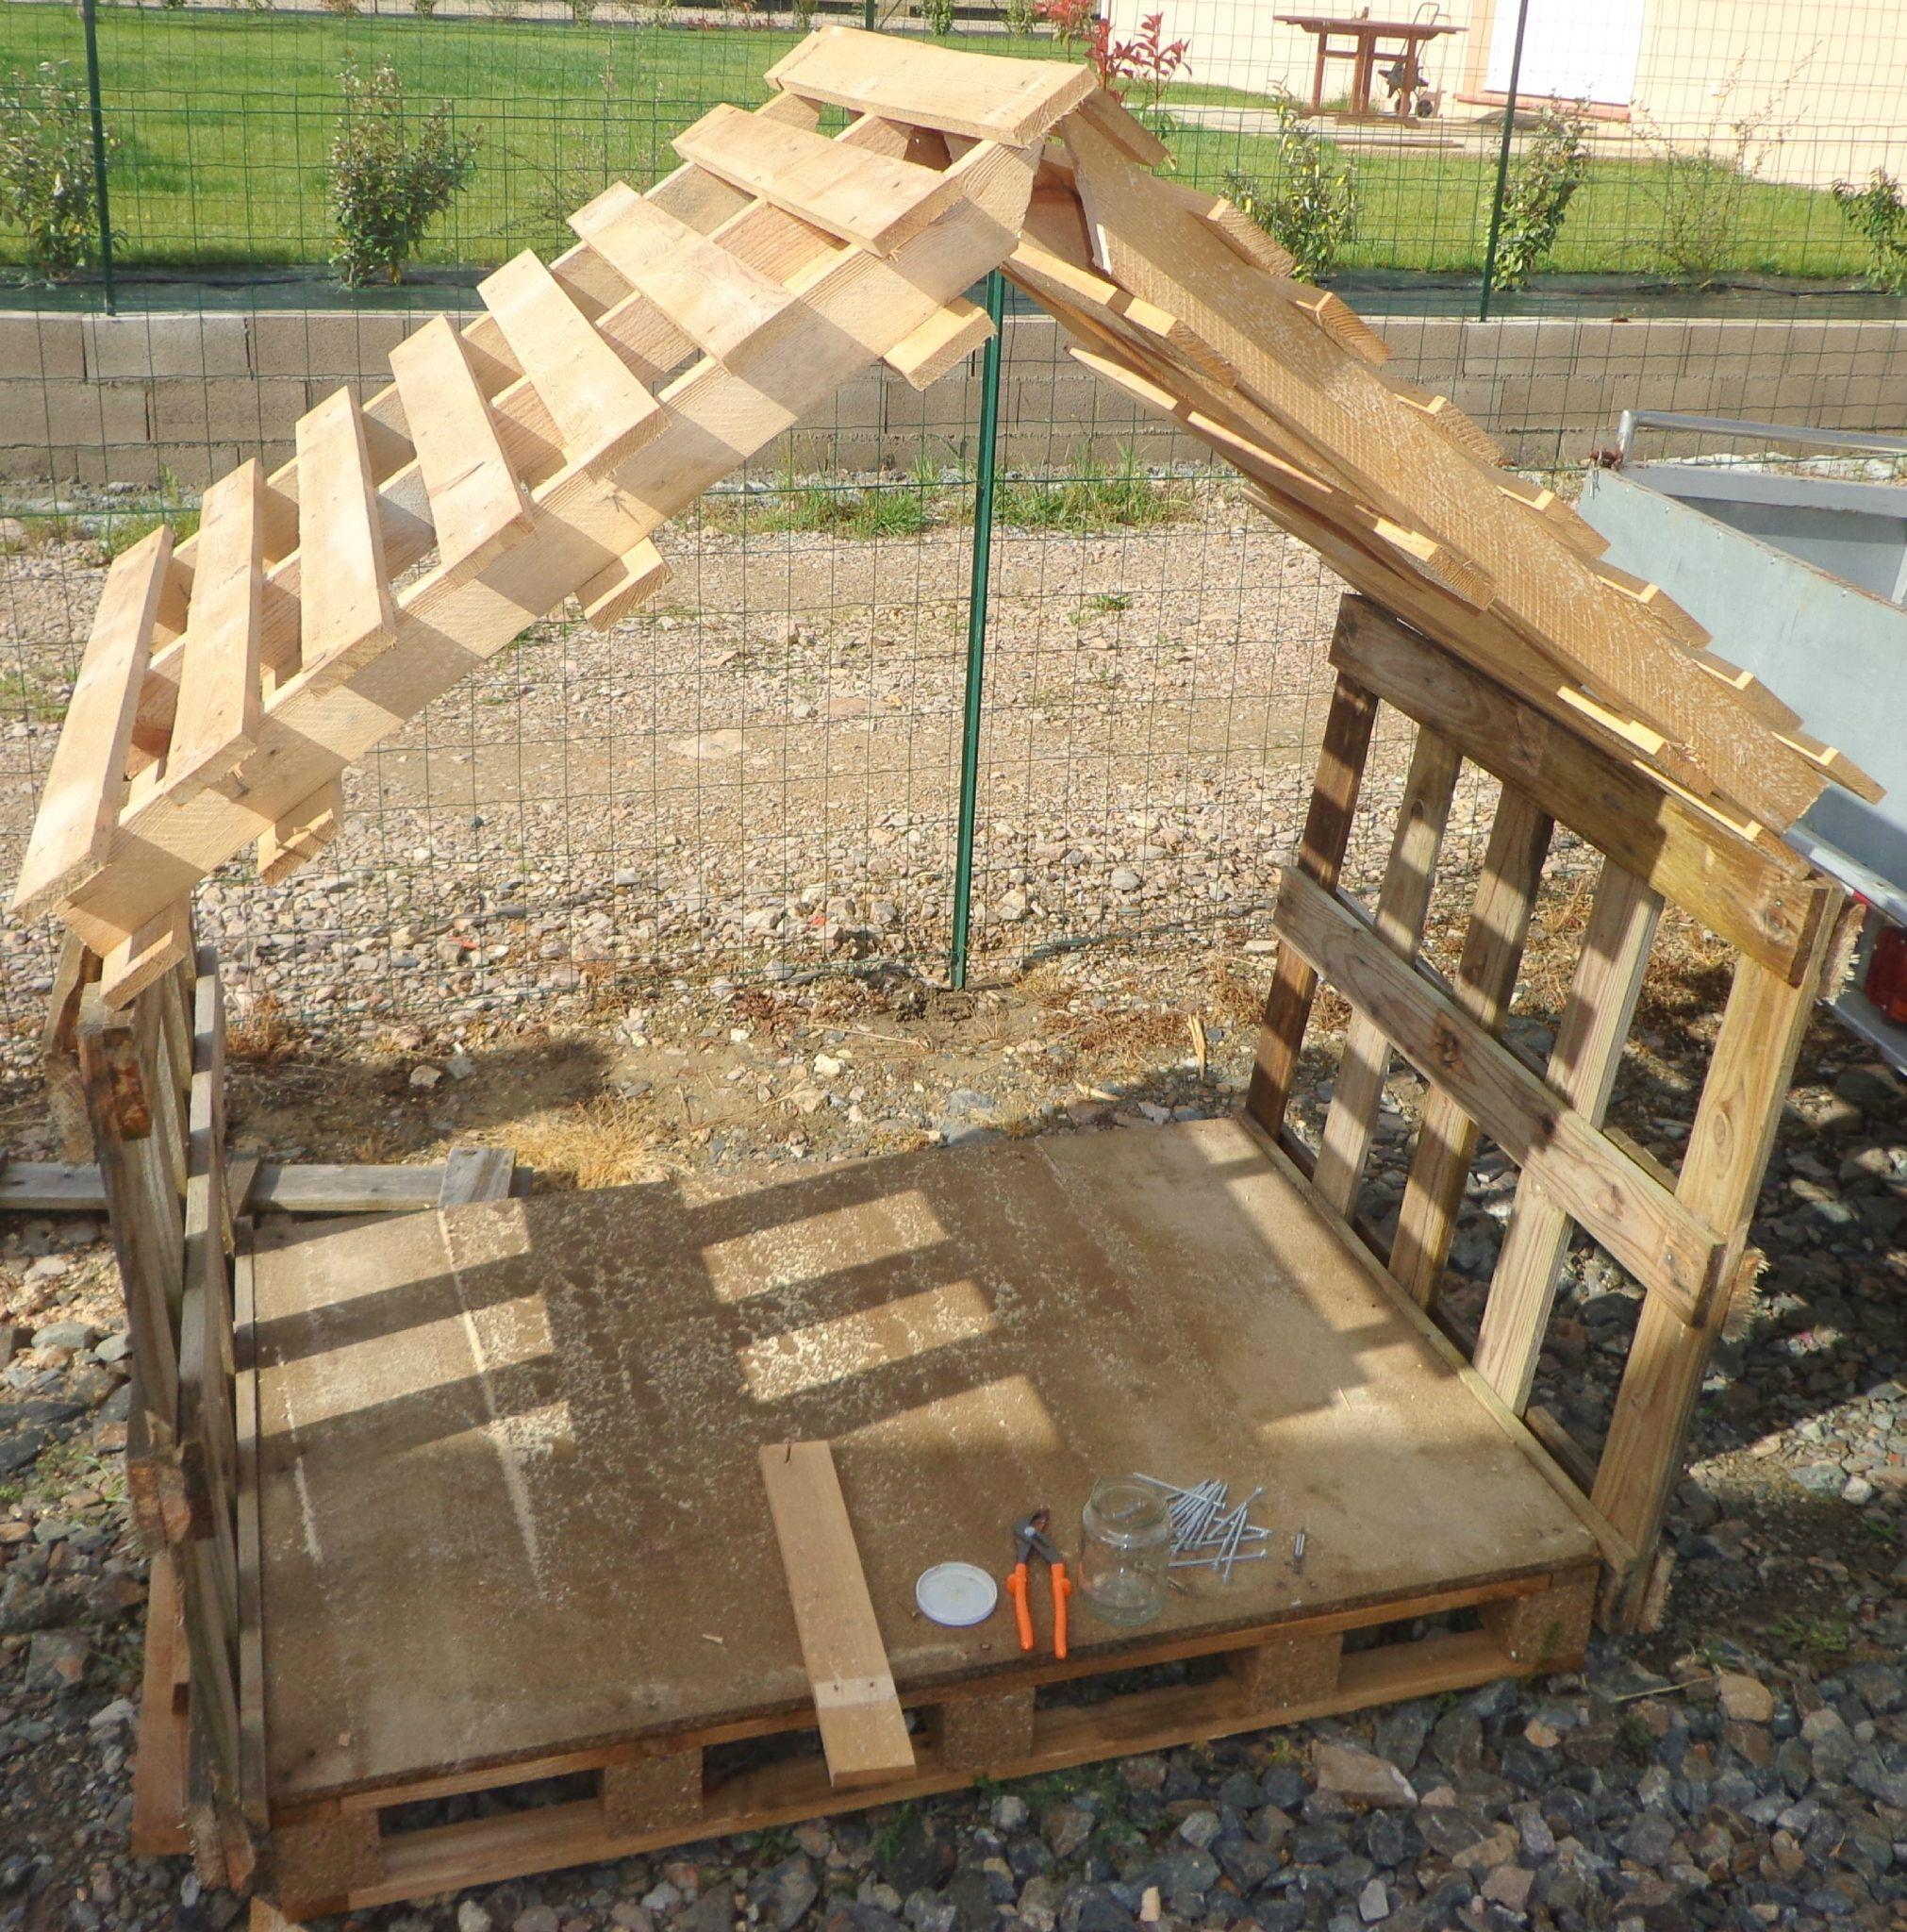 Construire Un Abri De Jardin En Bois Pas Cher, Comment Faire ... destiné Faire Une Cabane De Jardin